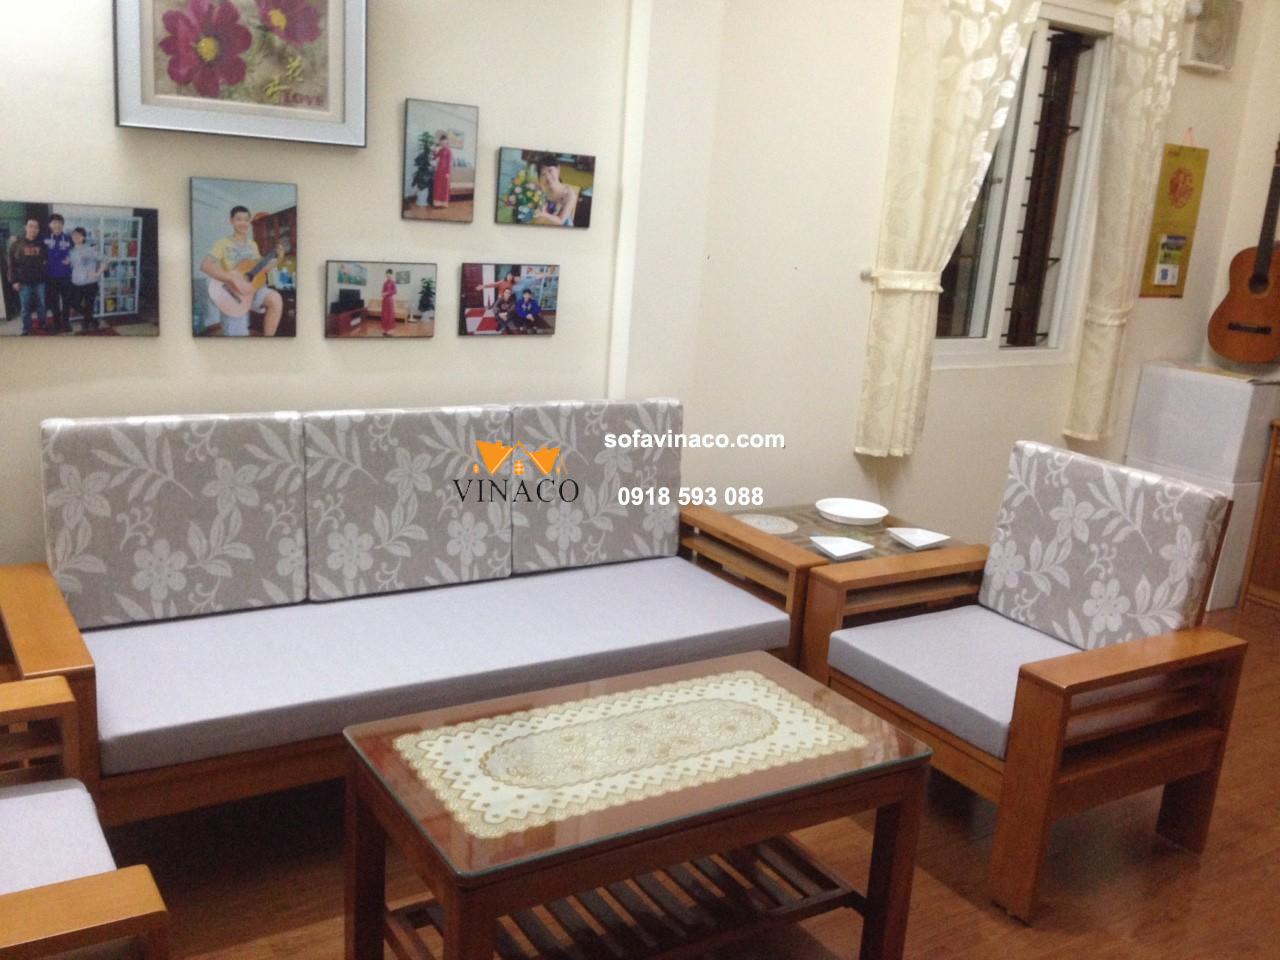 Làm đệm ngồi và đệm tựa ghế sofa gỗ hiện đạiHoàng Quốc Việt